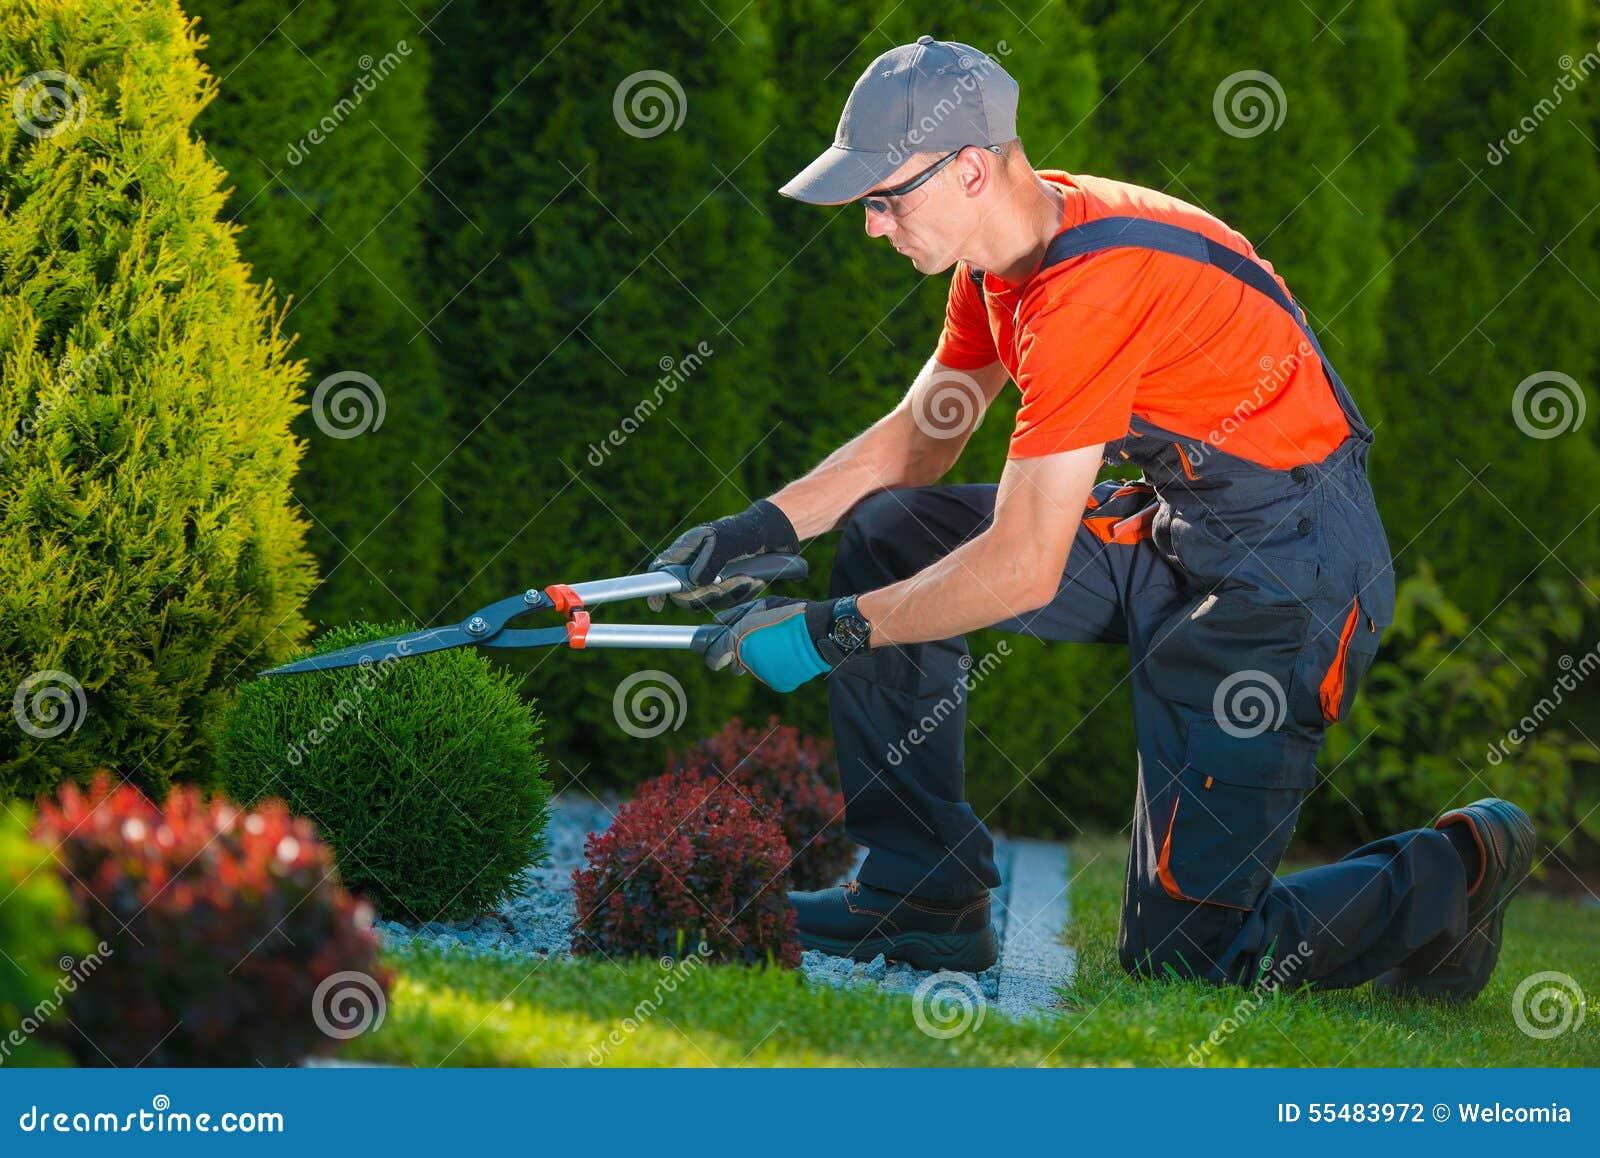 Giardiniere professionista sul lavoro fotografia stock for Immagini giardiniere